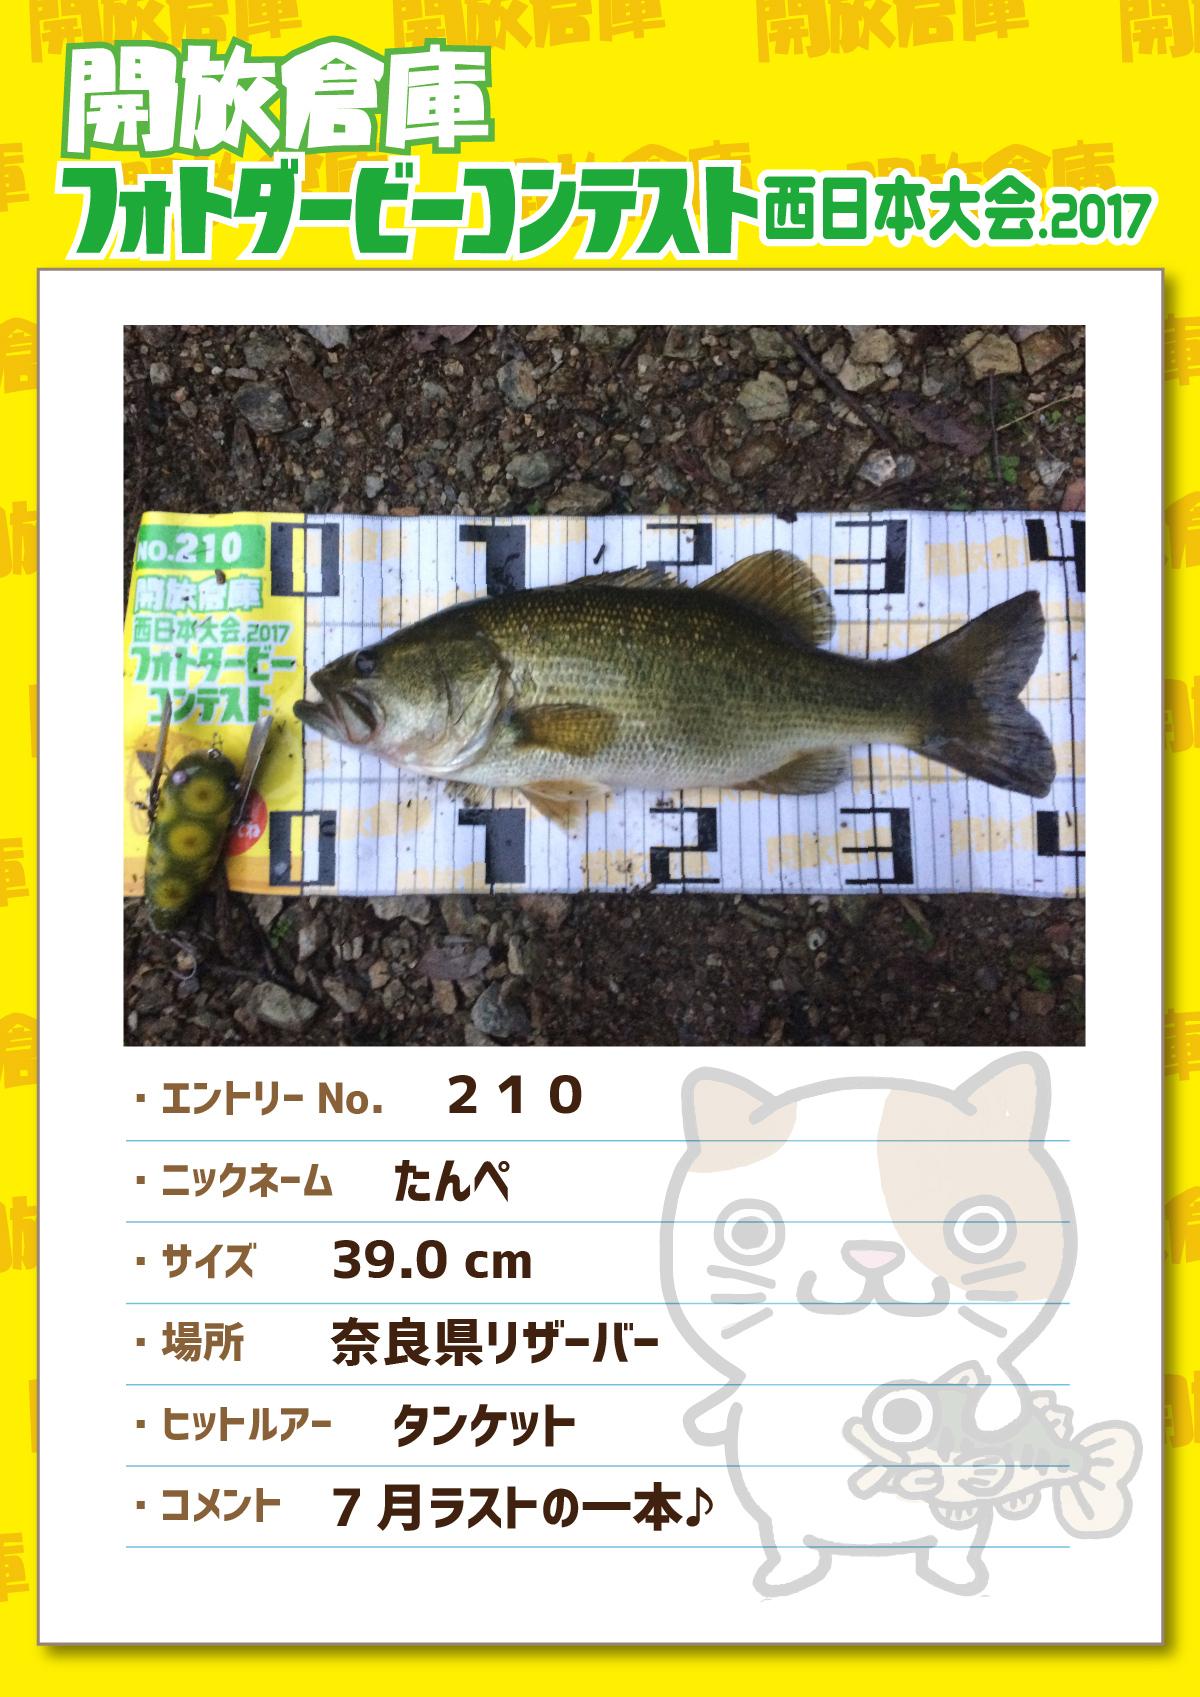 No.210 たんぺ 39.0cm 奈良県リザーバー タンケット 7月ラストの一本♪